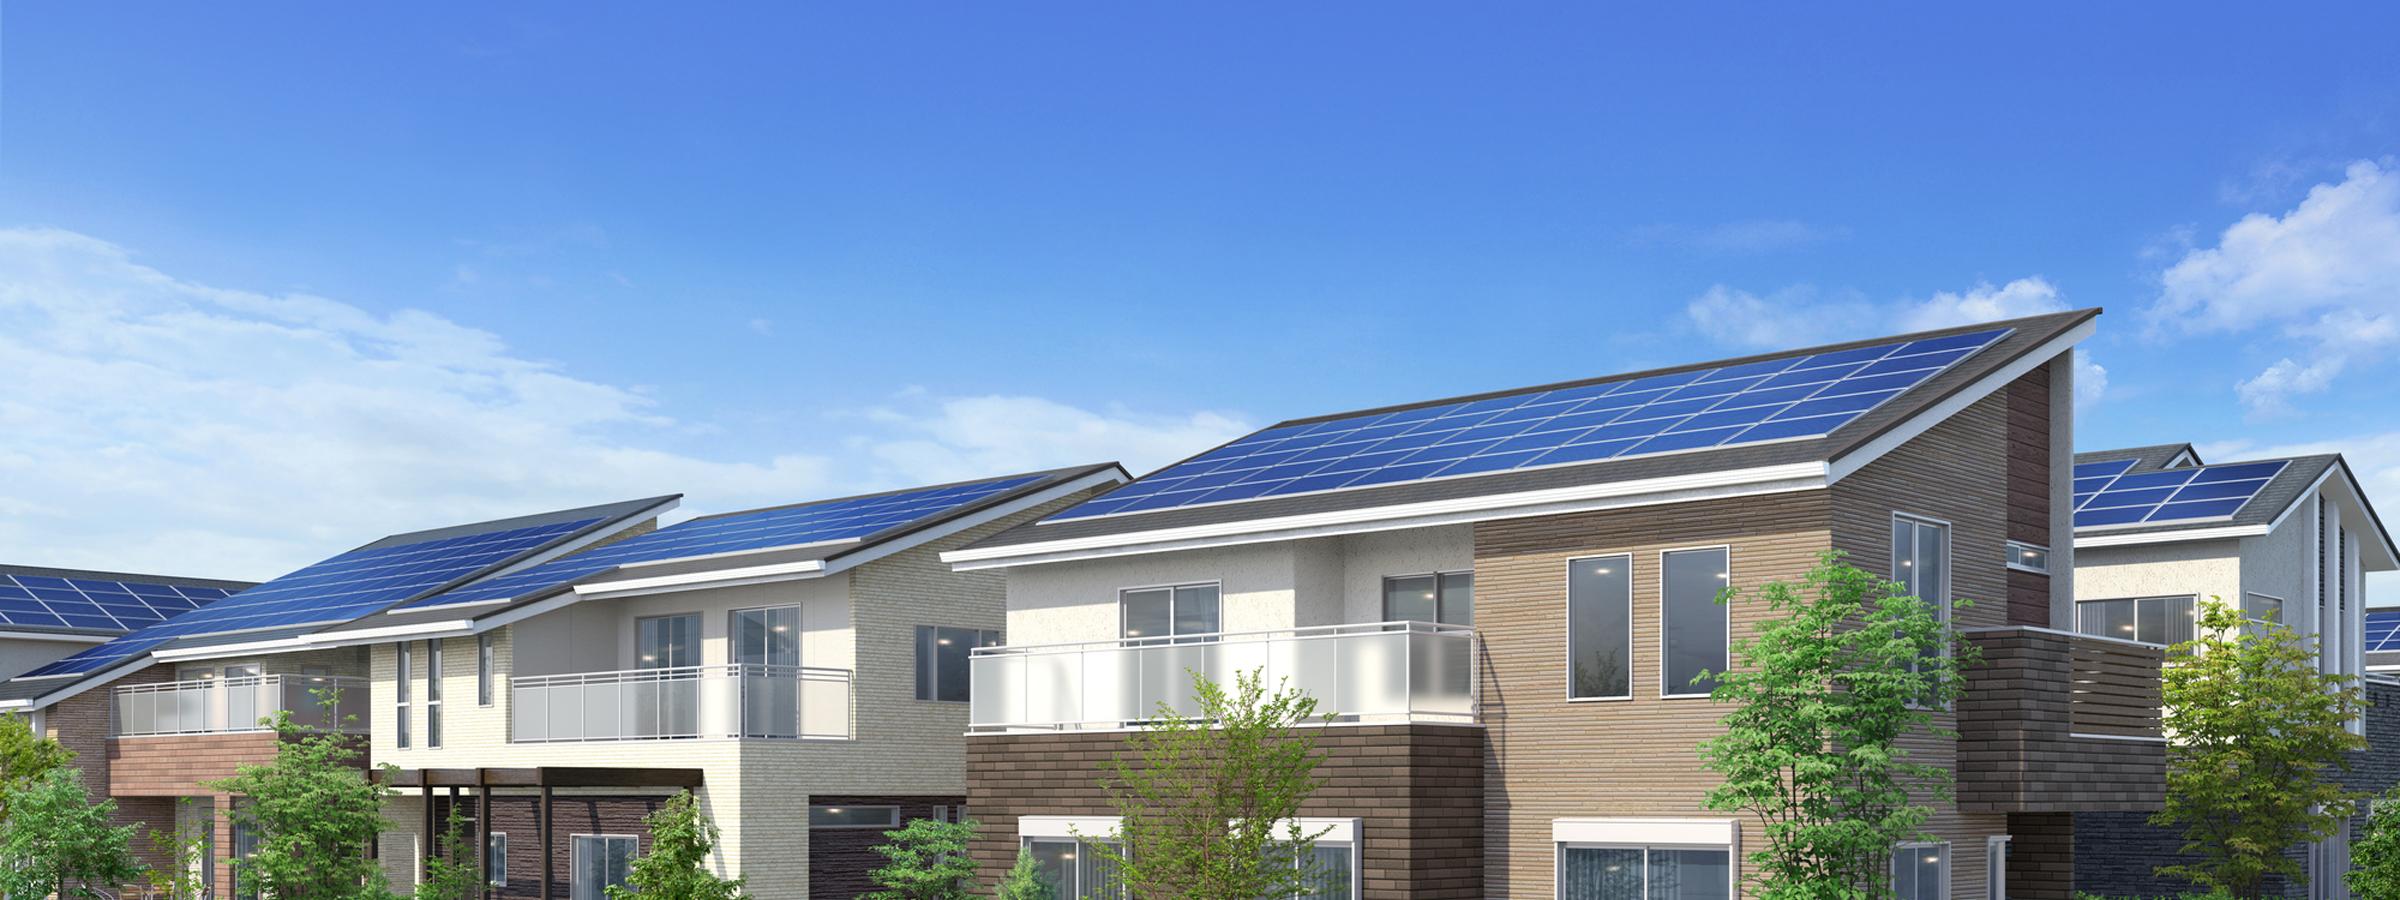 鹿児島県を中心として太陽光発電を販売・設計・施工する株式会社セガミック